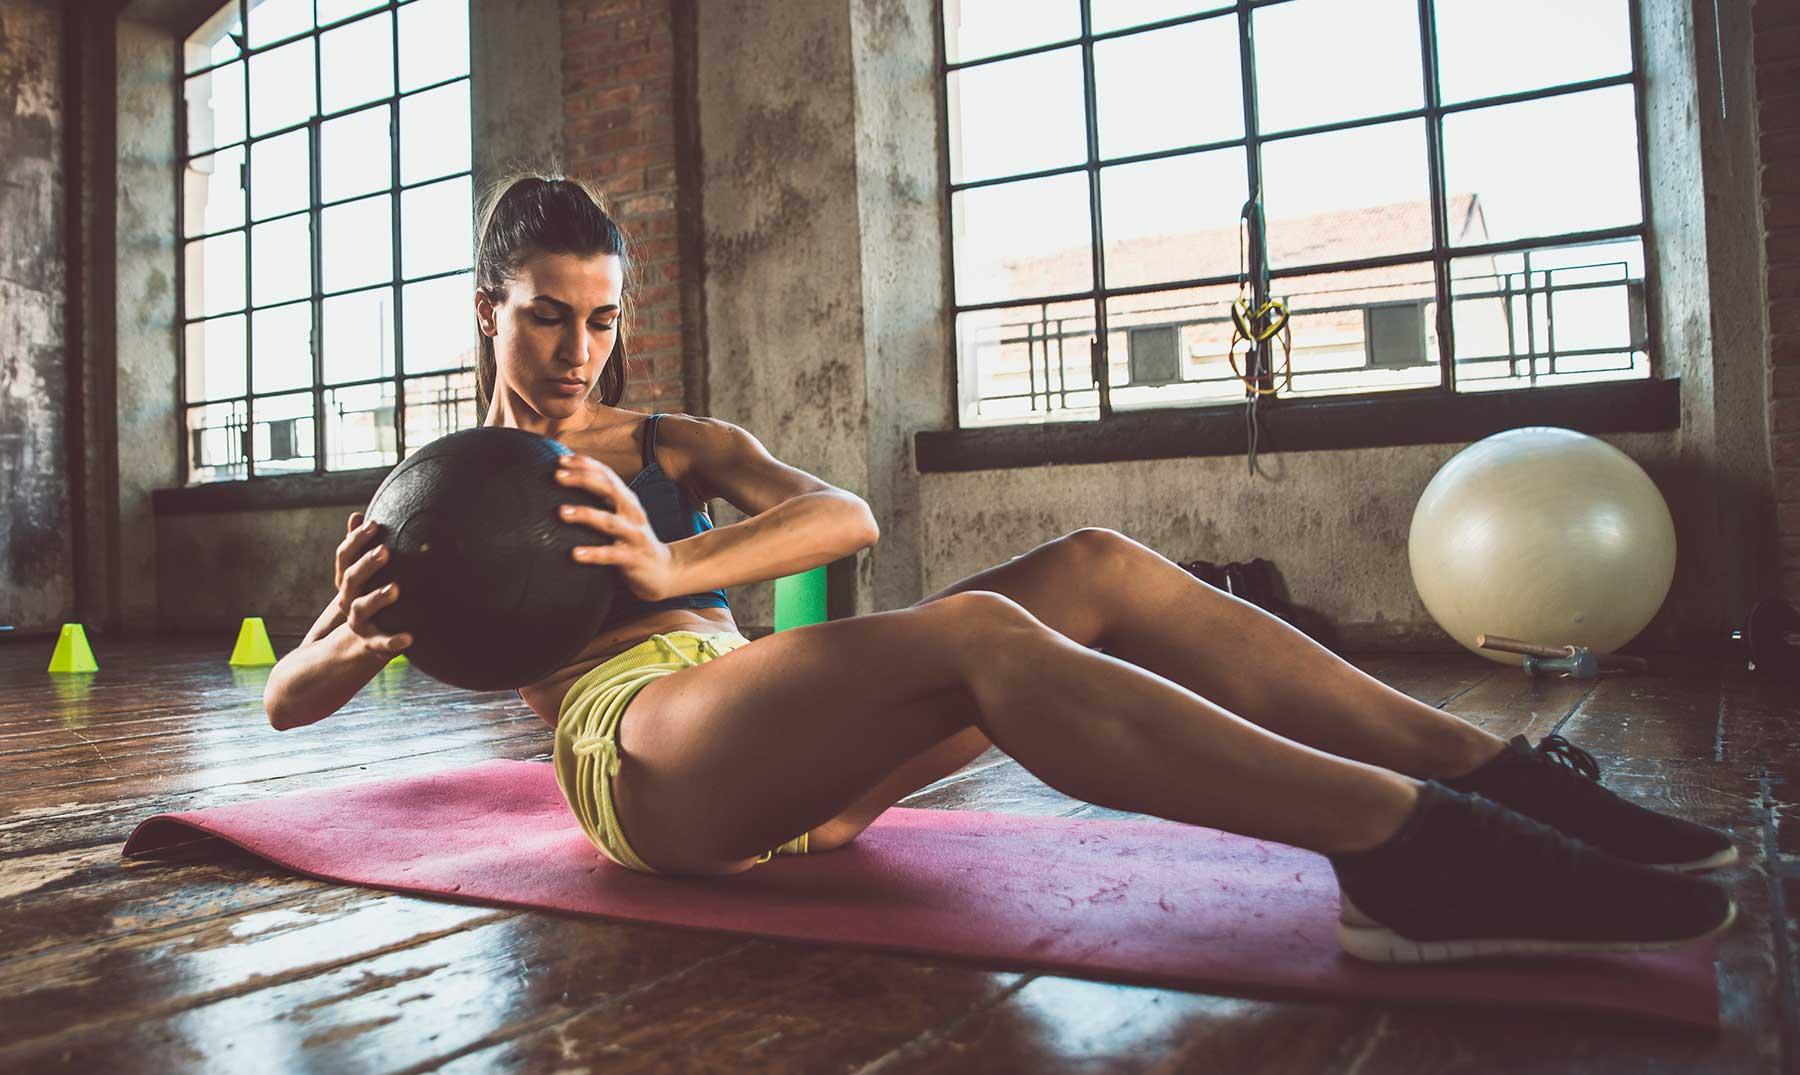 110 Frases De Gym Para Conseguir Tus Objetivos Con Imágenes